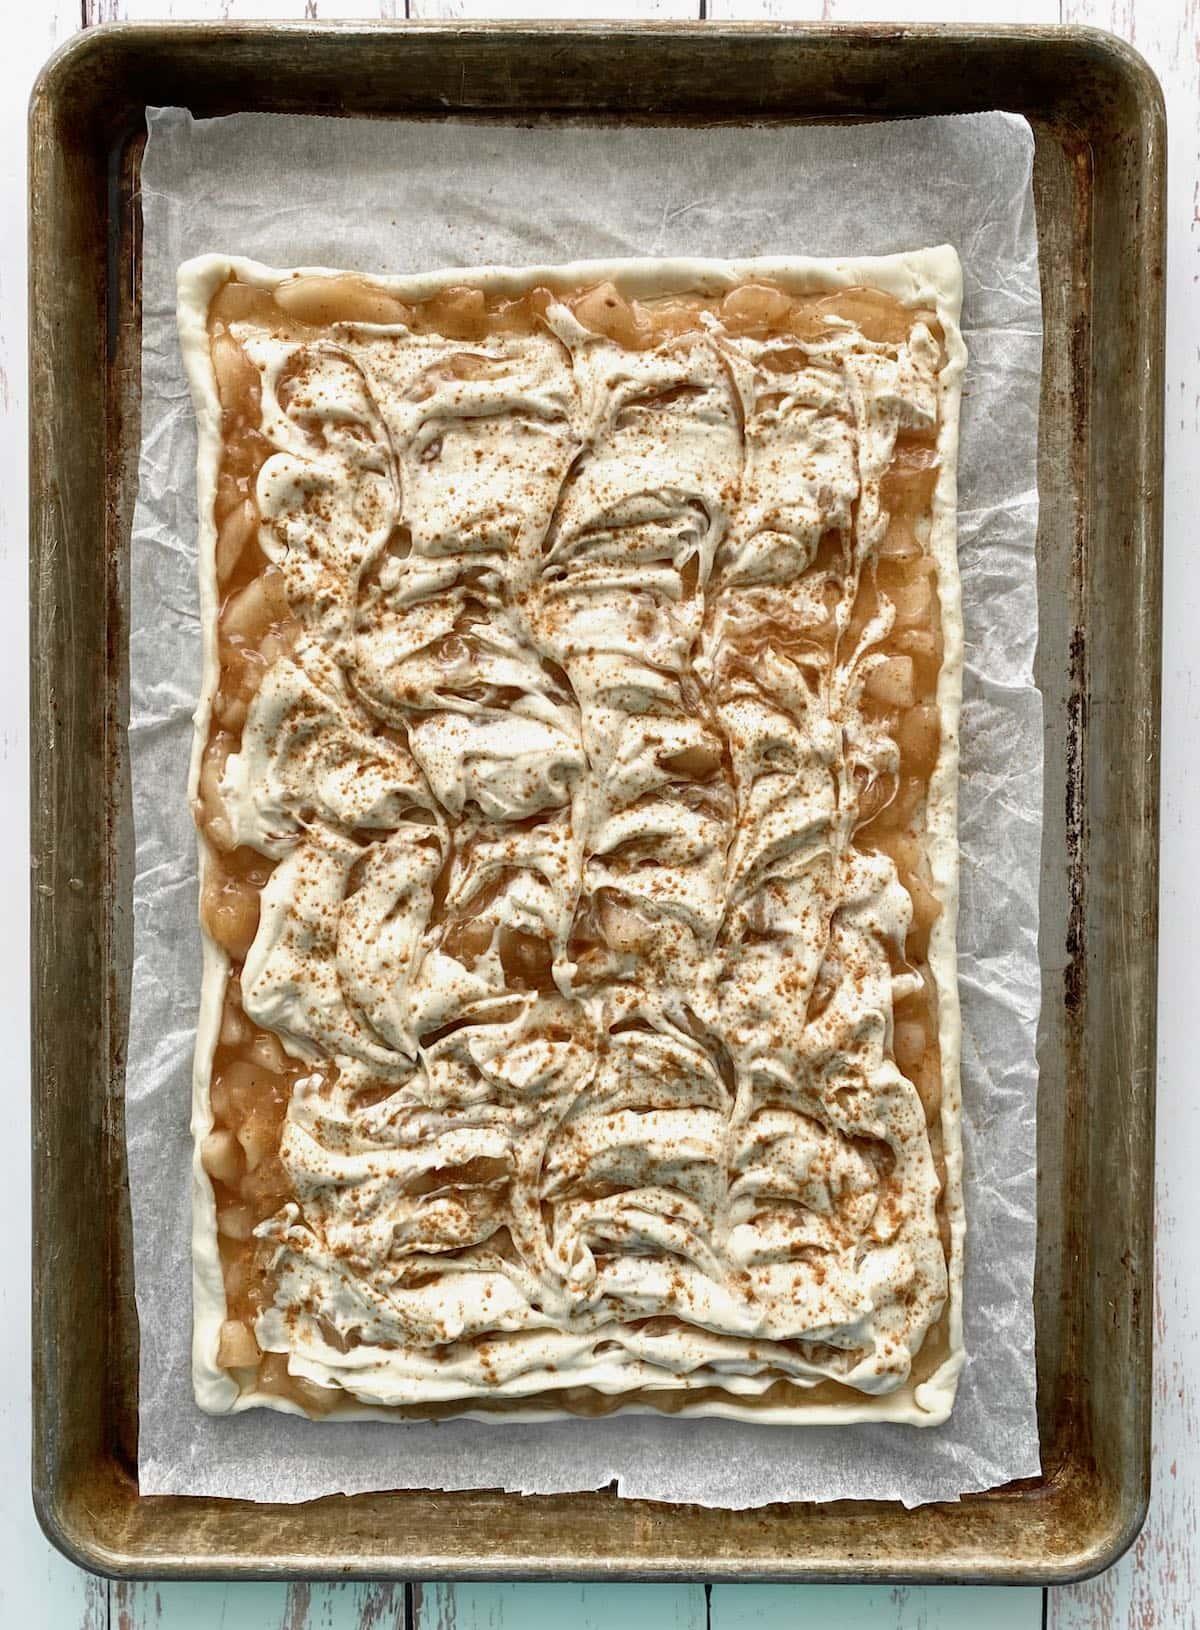 cream cheese swirled into puff pastry.